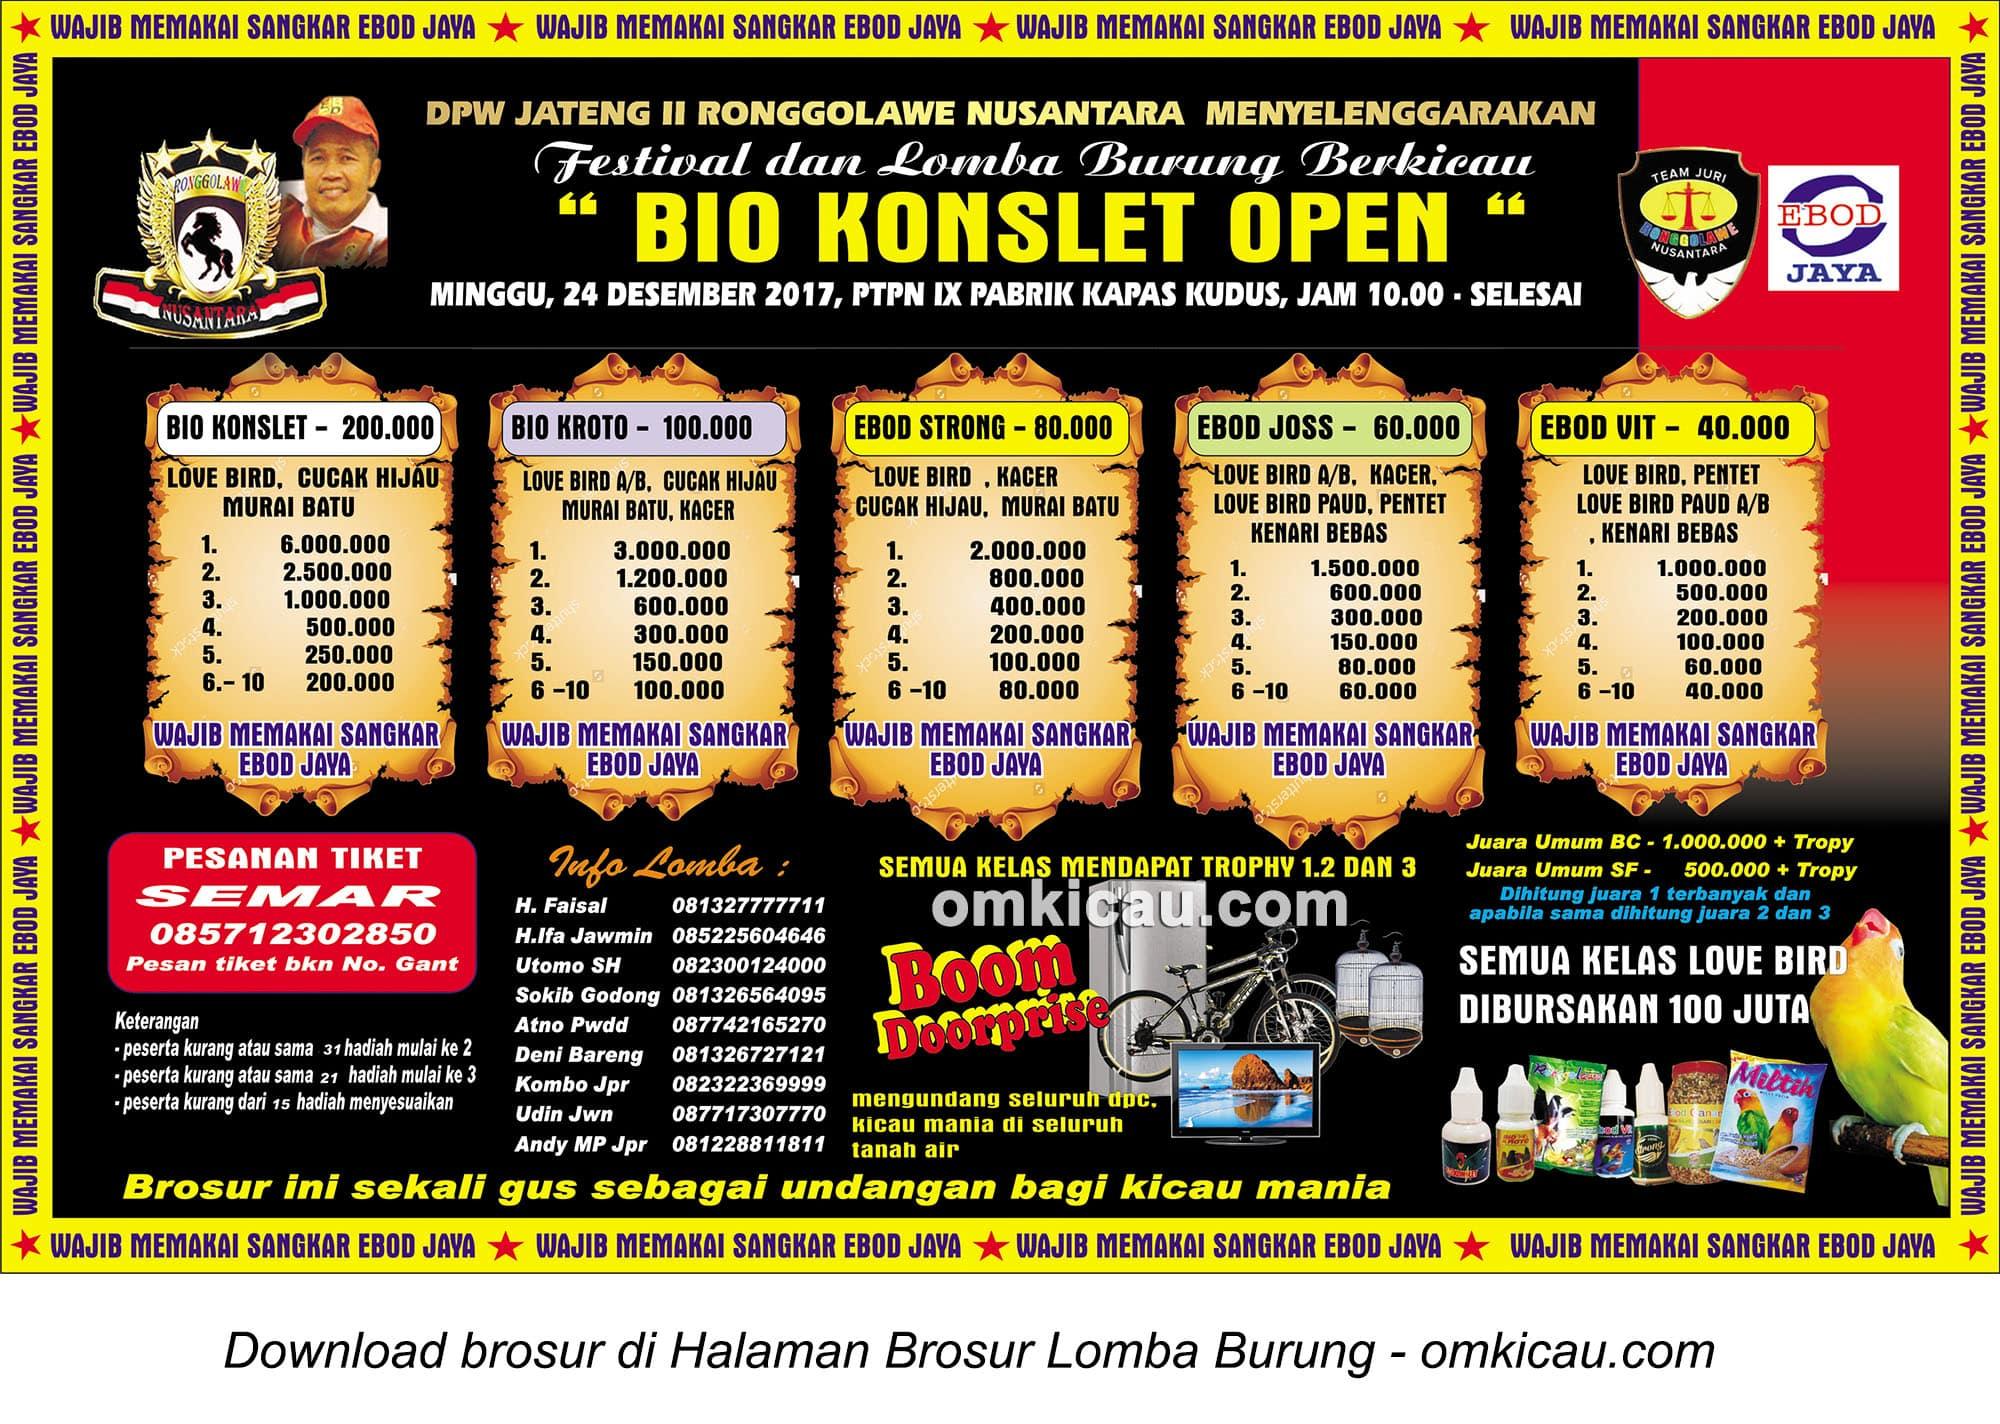 Bio Konslet Open